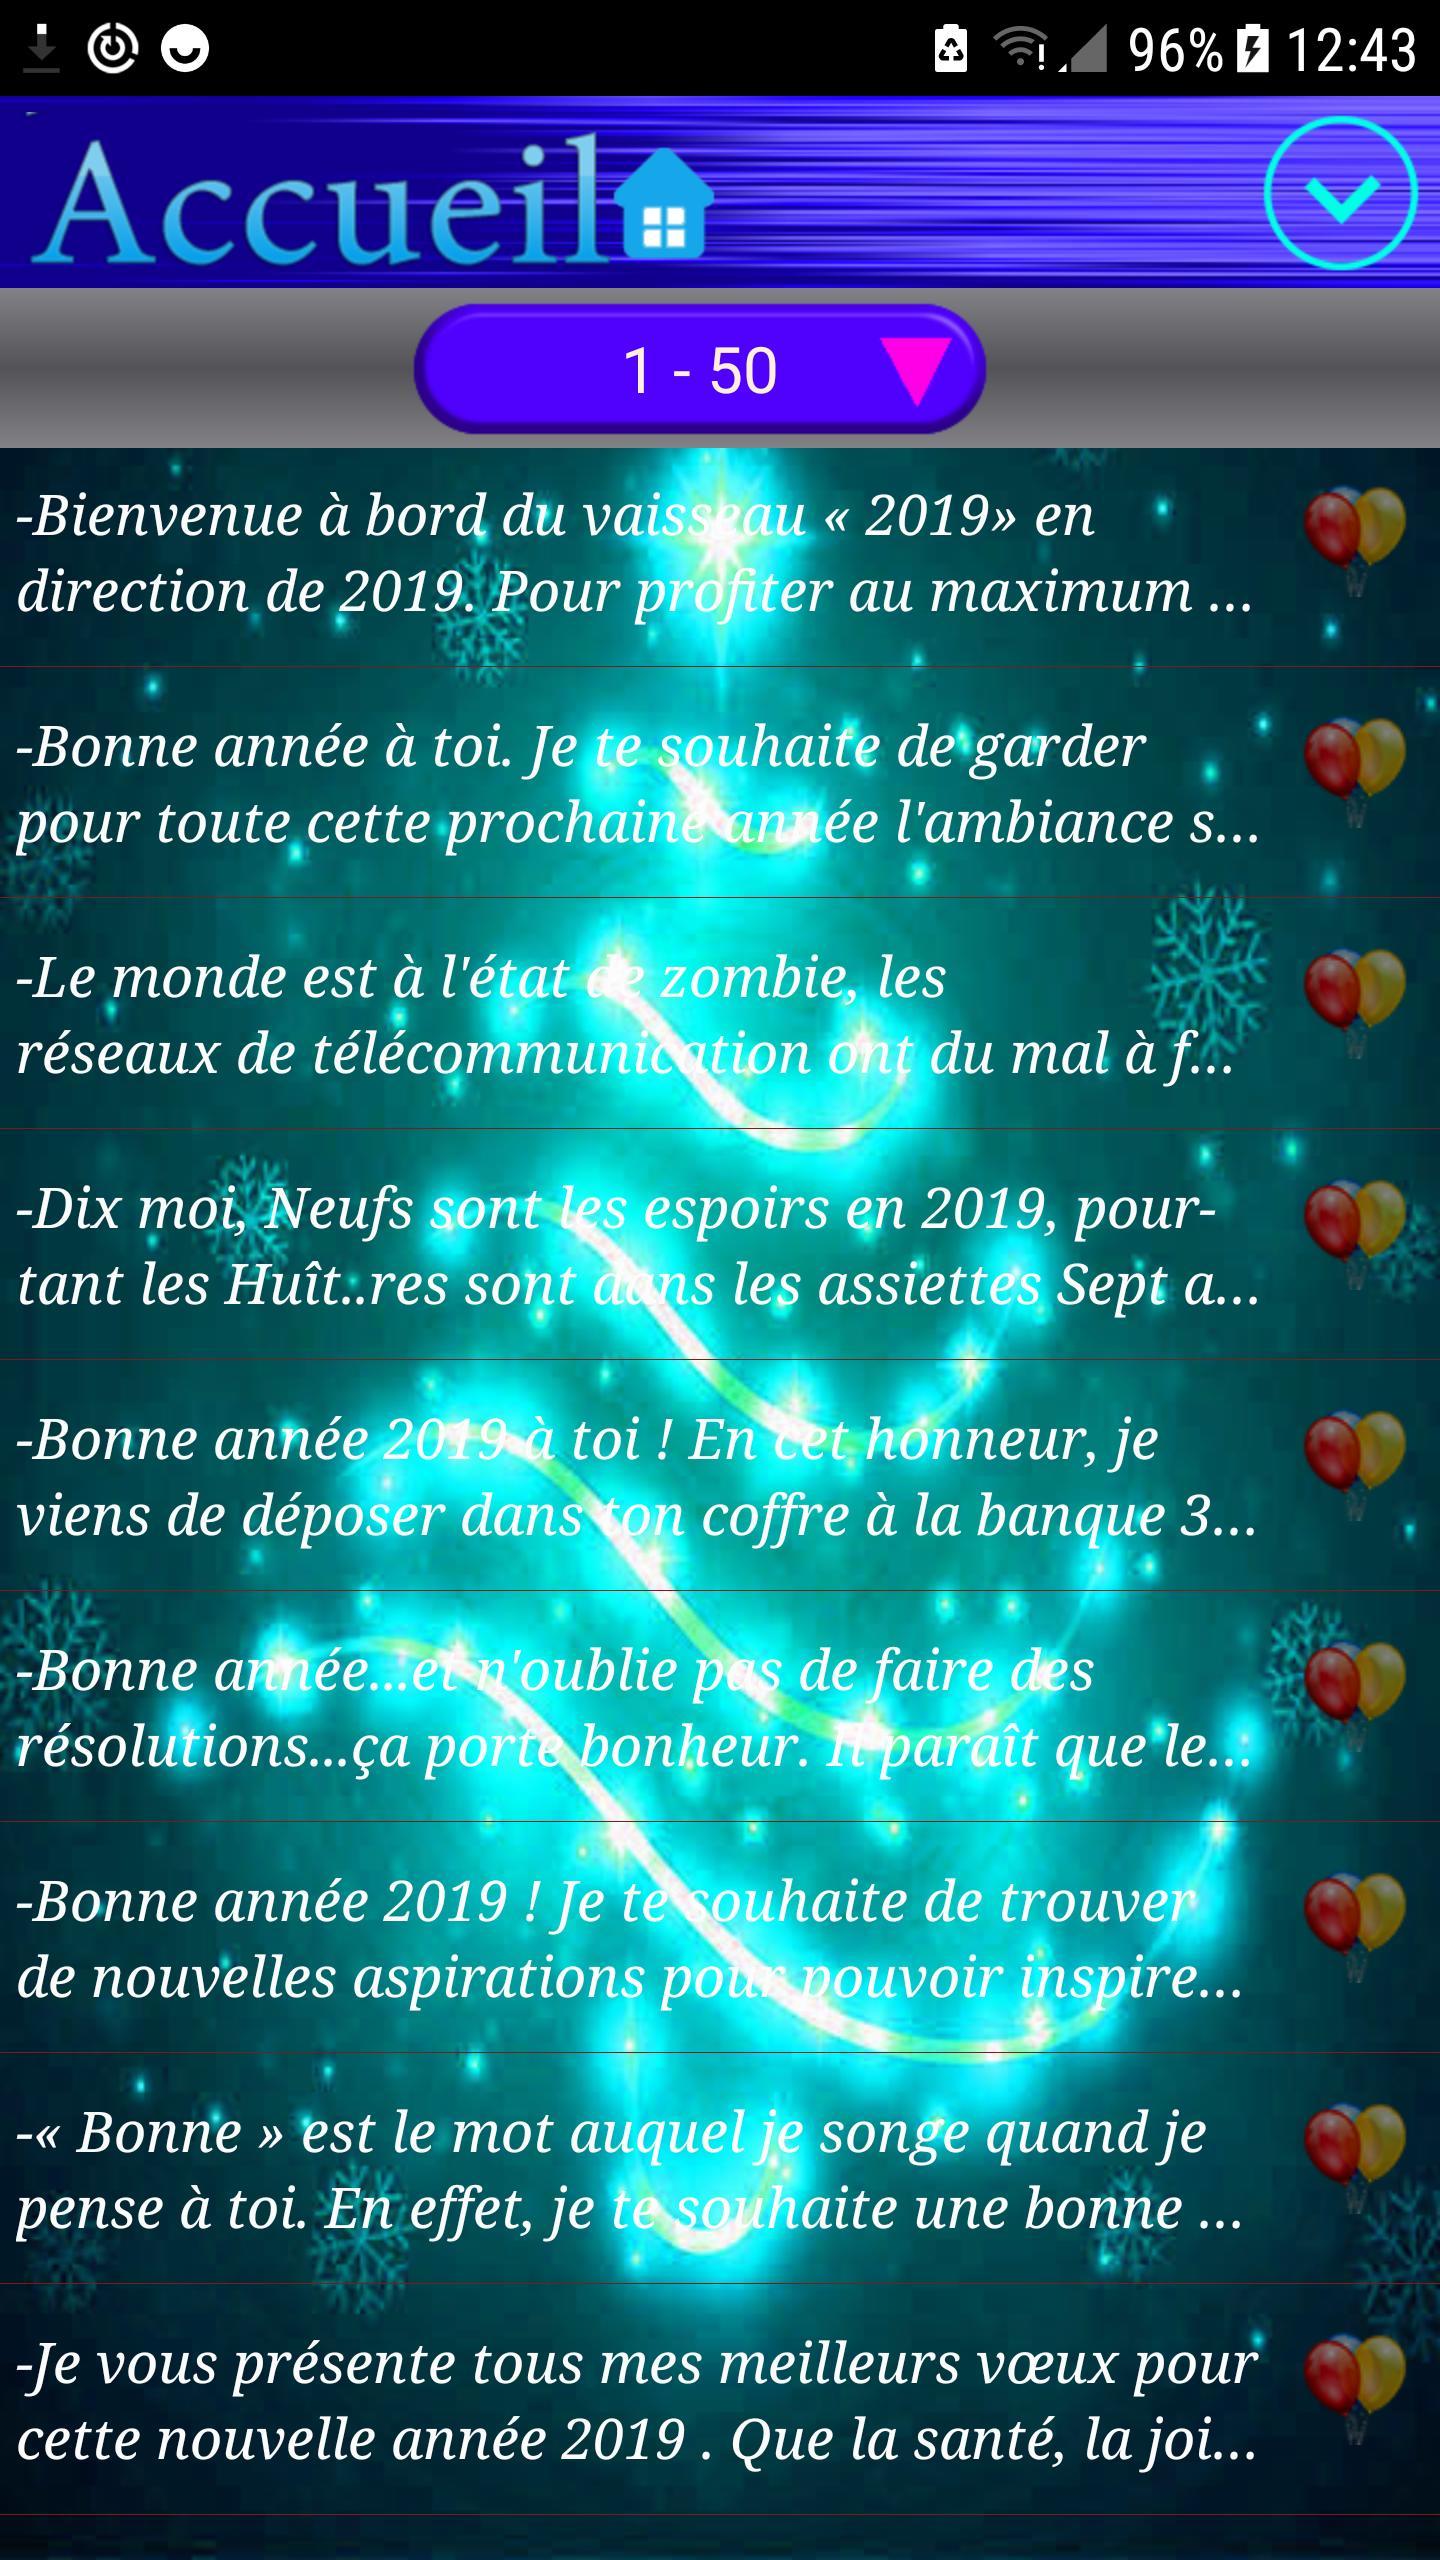 Sms Bonne Année 2019 Quotes Et Vœux For Android Apk Download